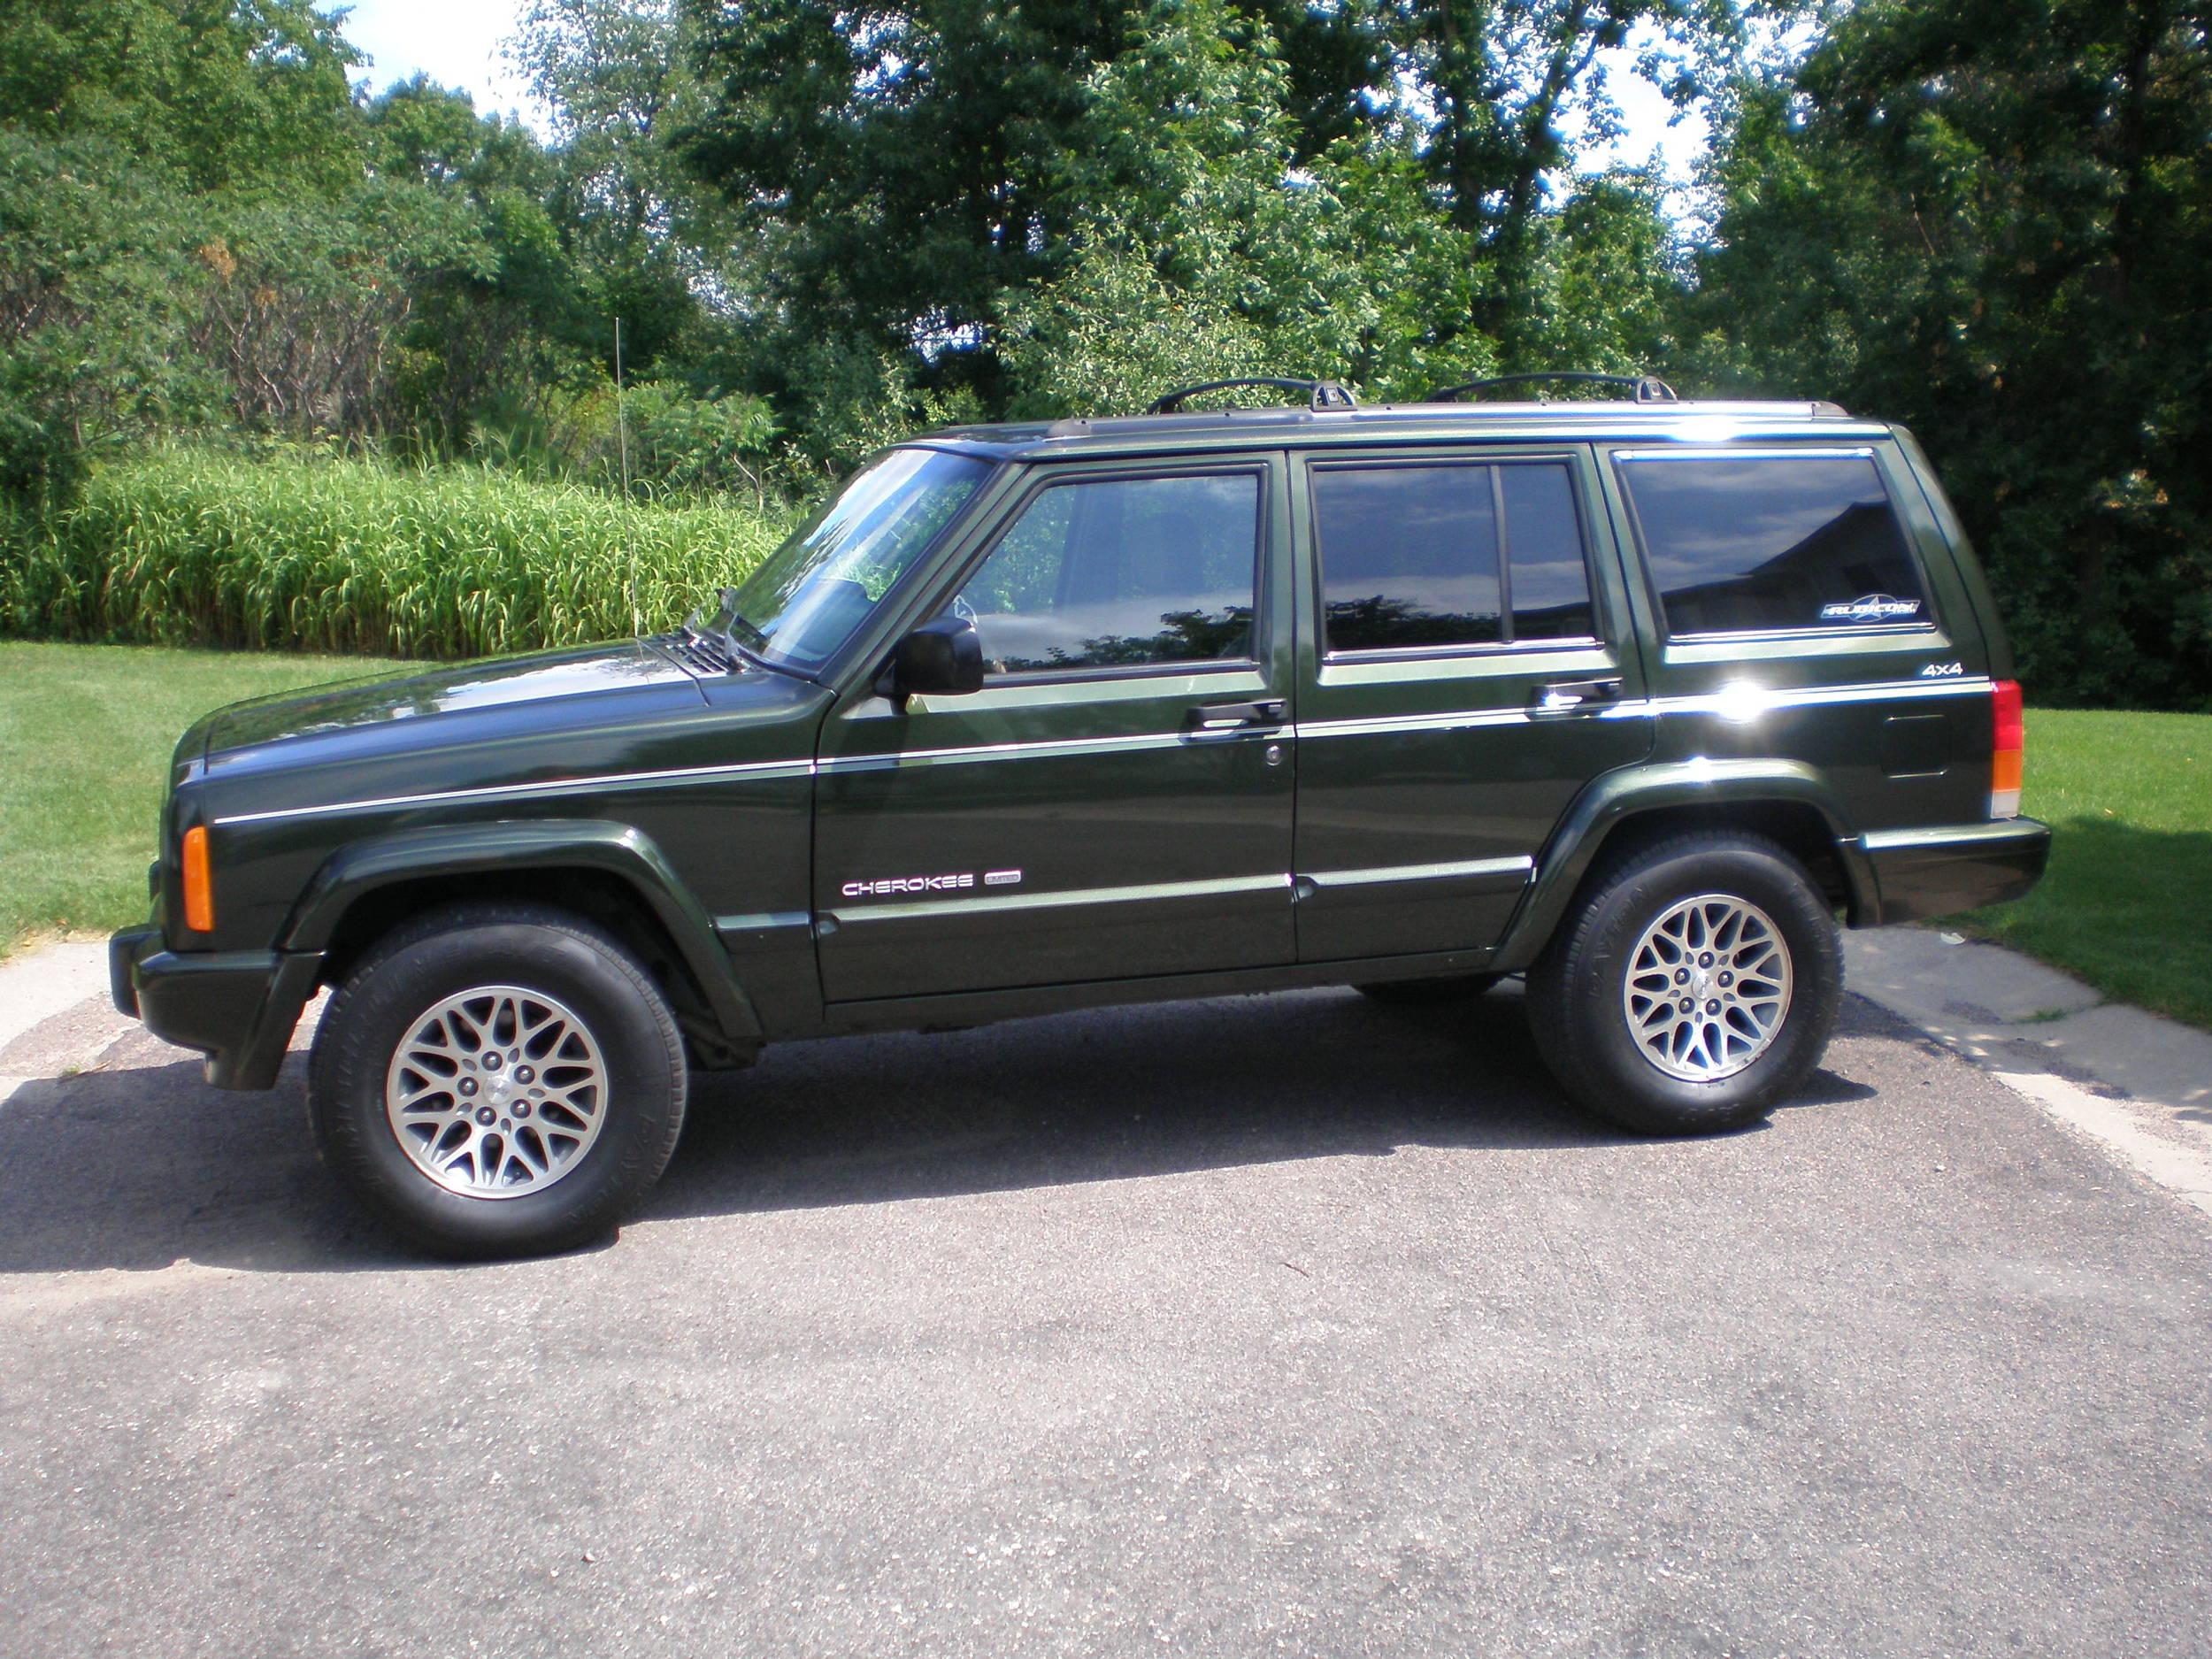 98_XJ_Jeep_Cherokee_003.JPG